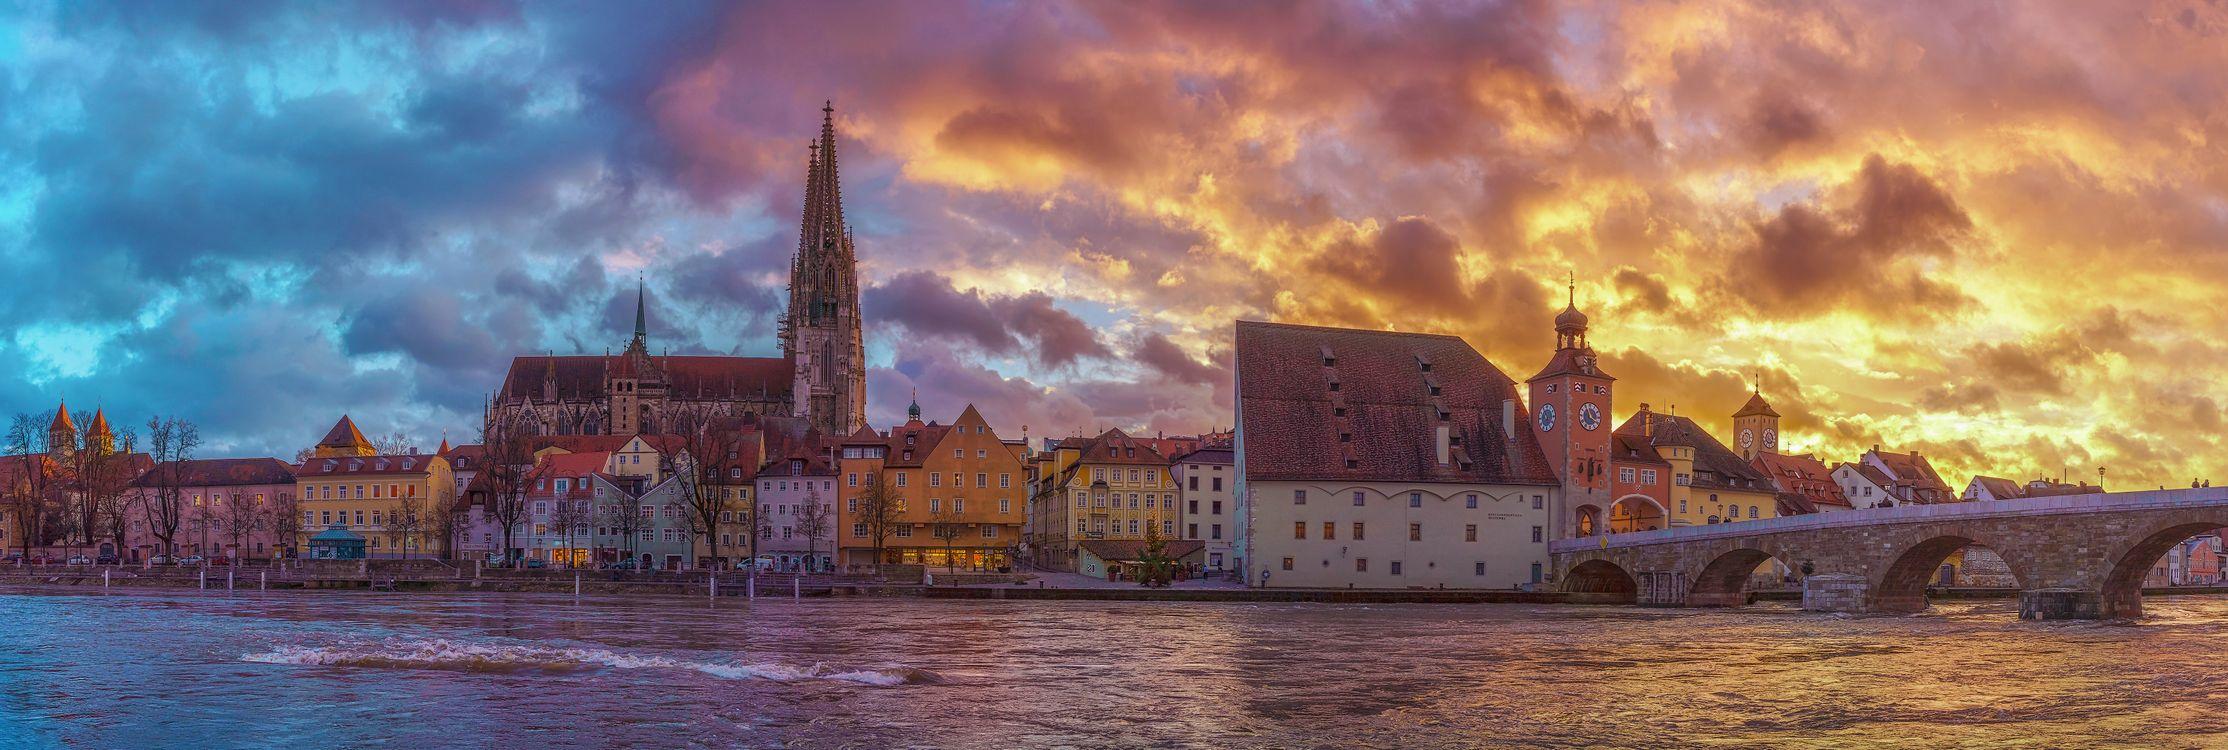 Фото бесплатно Регенсбург, Bavaria, Германия - на рабочий стол